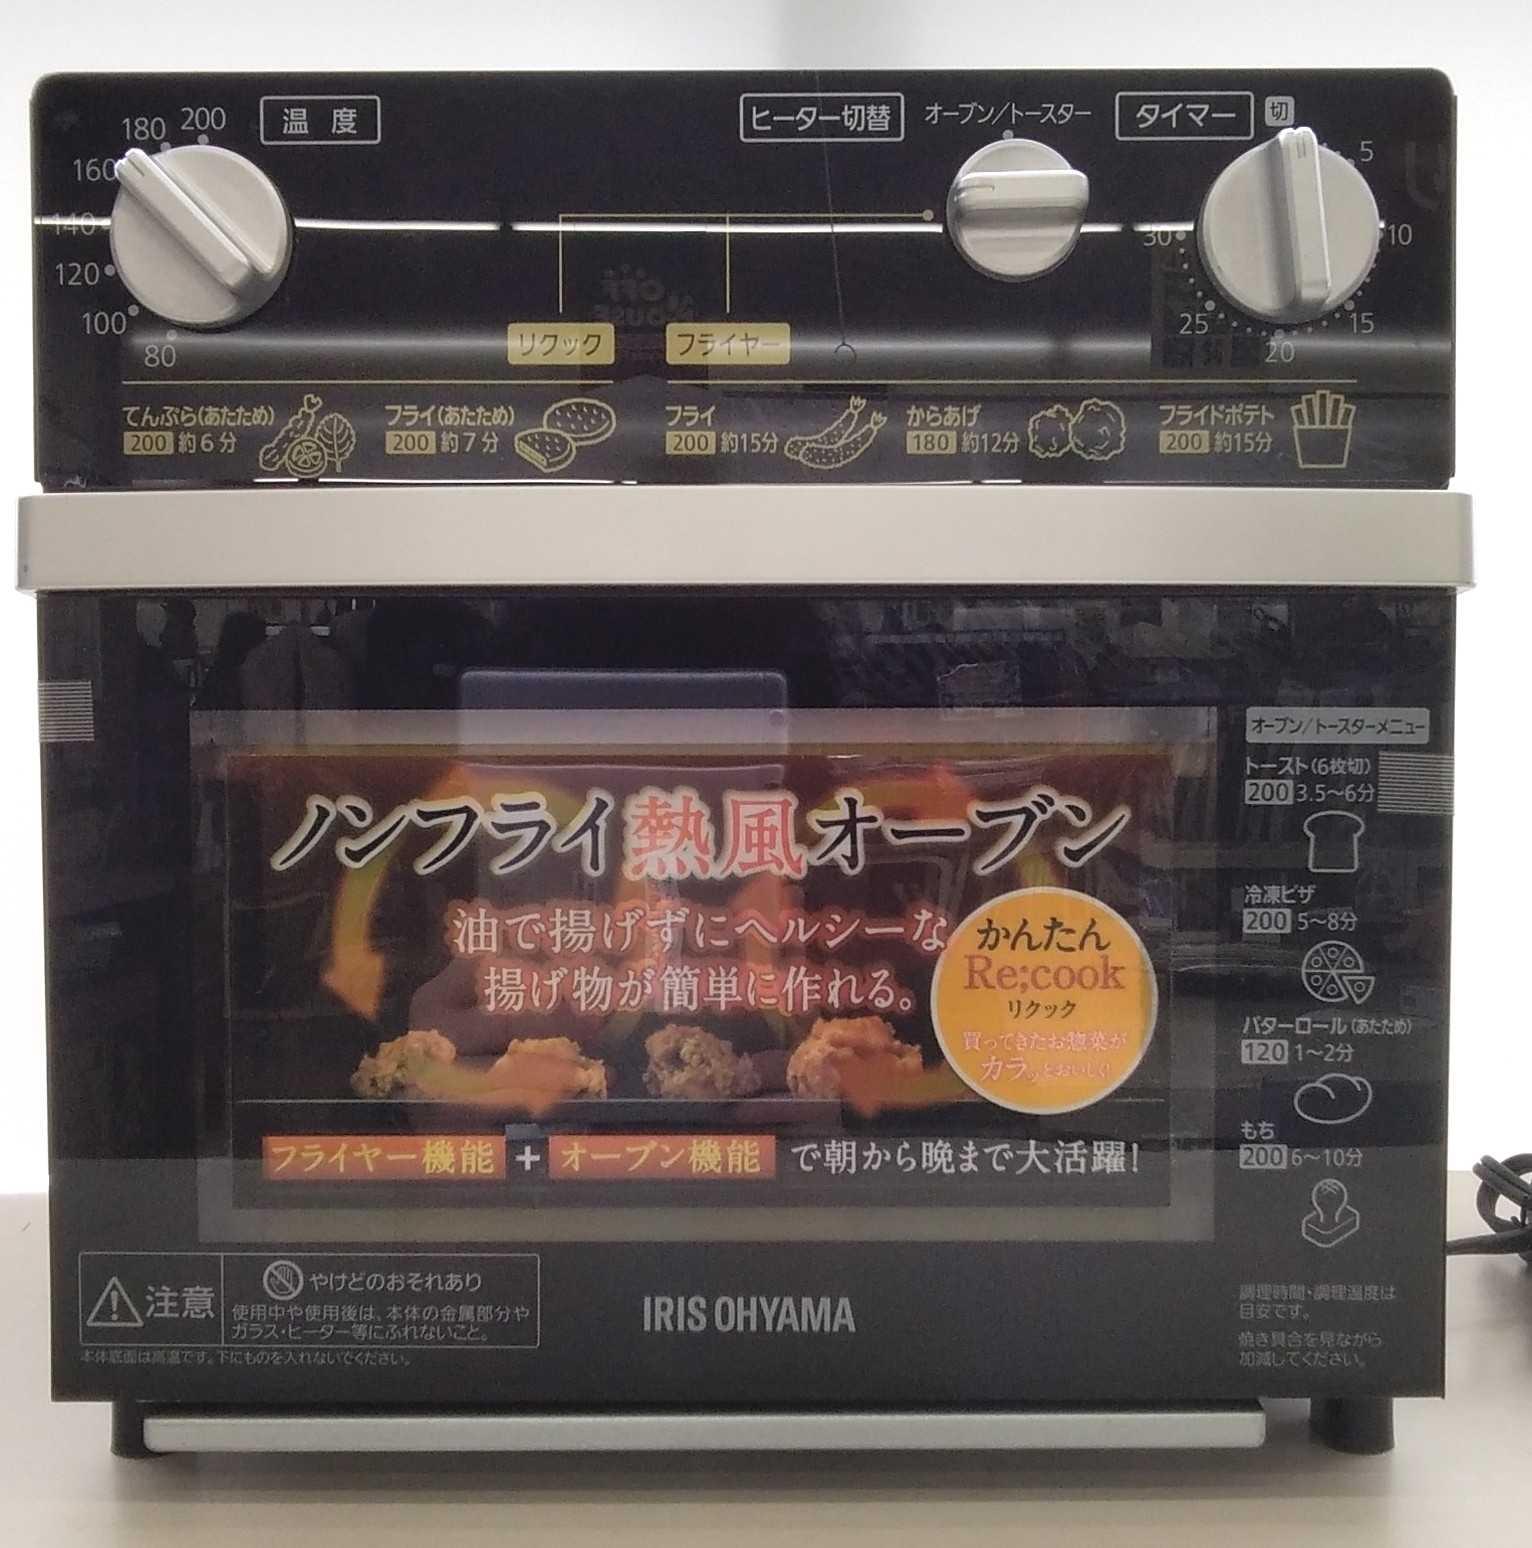 ノンフライ熱風オーブン|アイリスオーヤマ